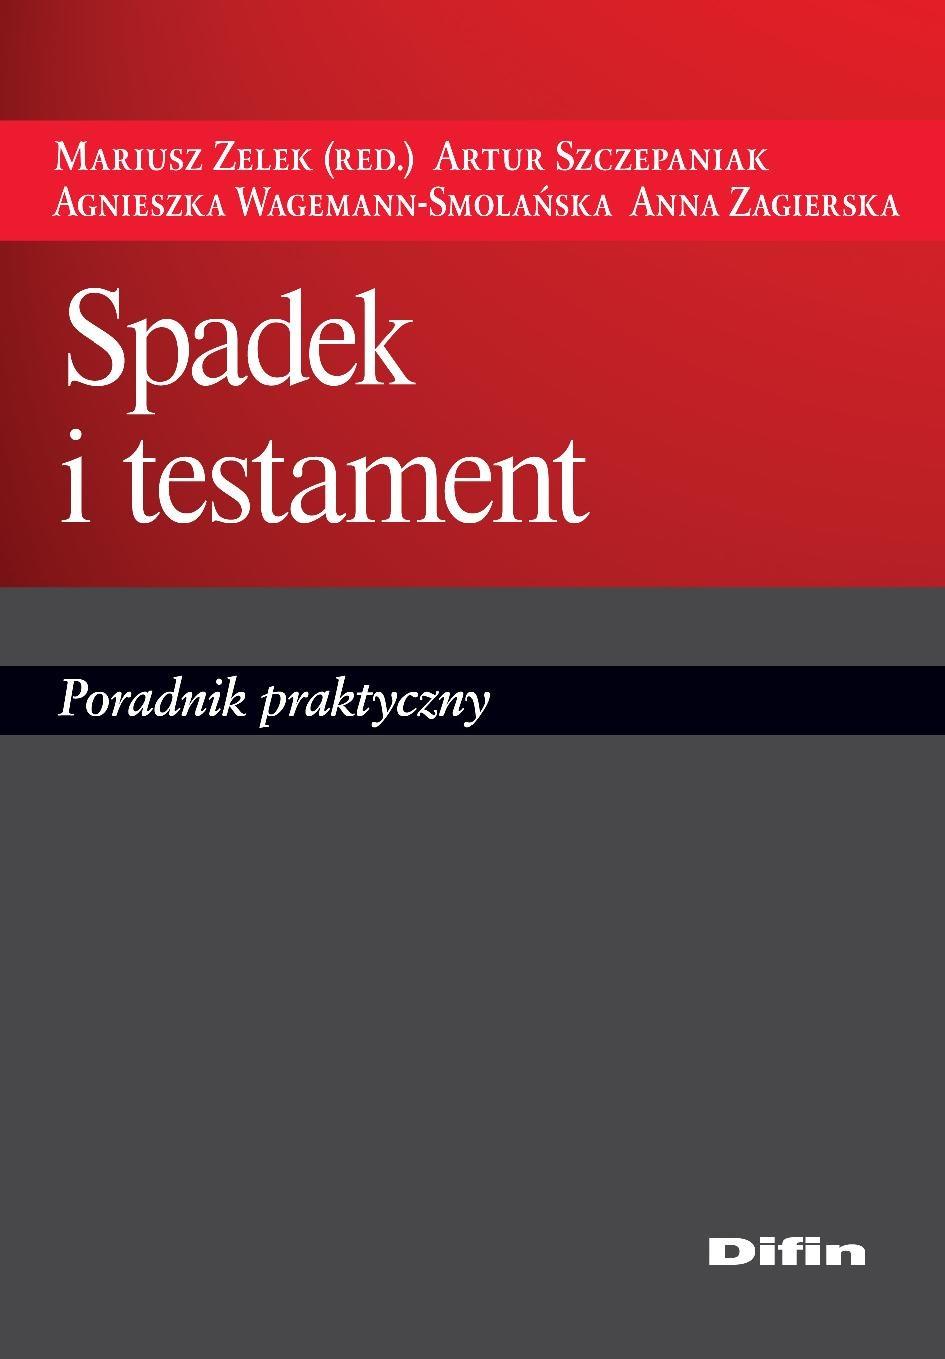 Spadek i testament. Poradnik praktyczny - Ebook (Książka PDF) do pobrania w formacie PDF